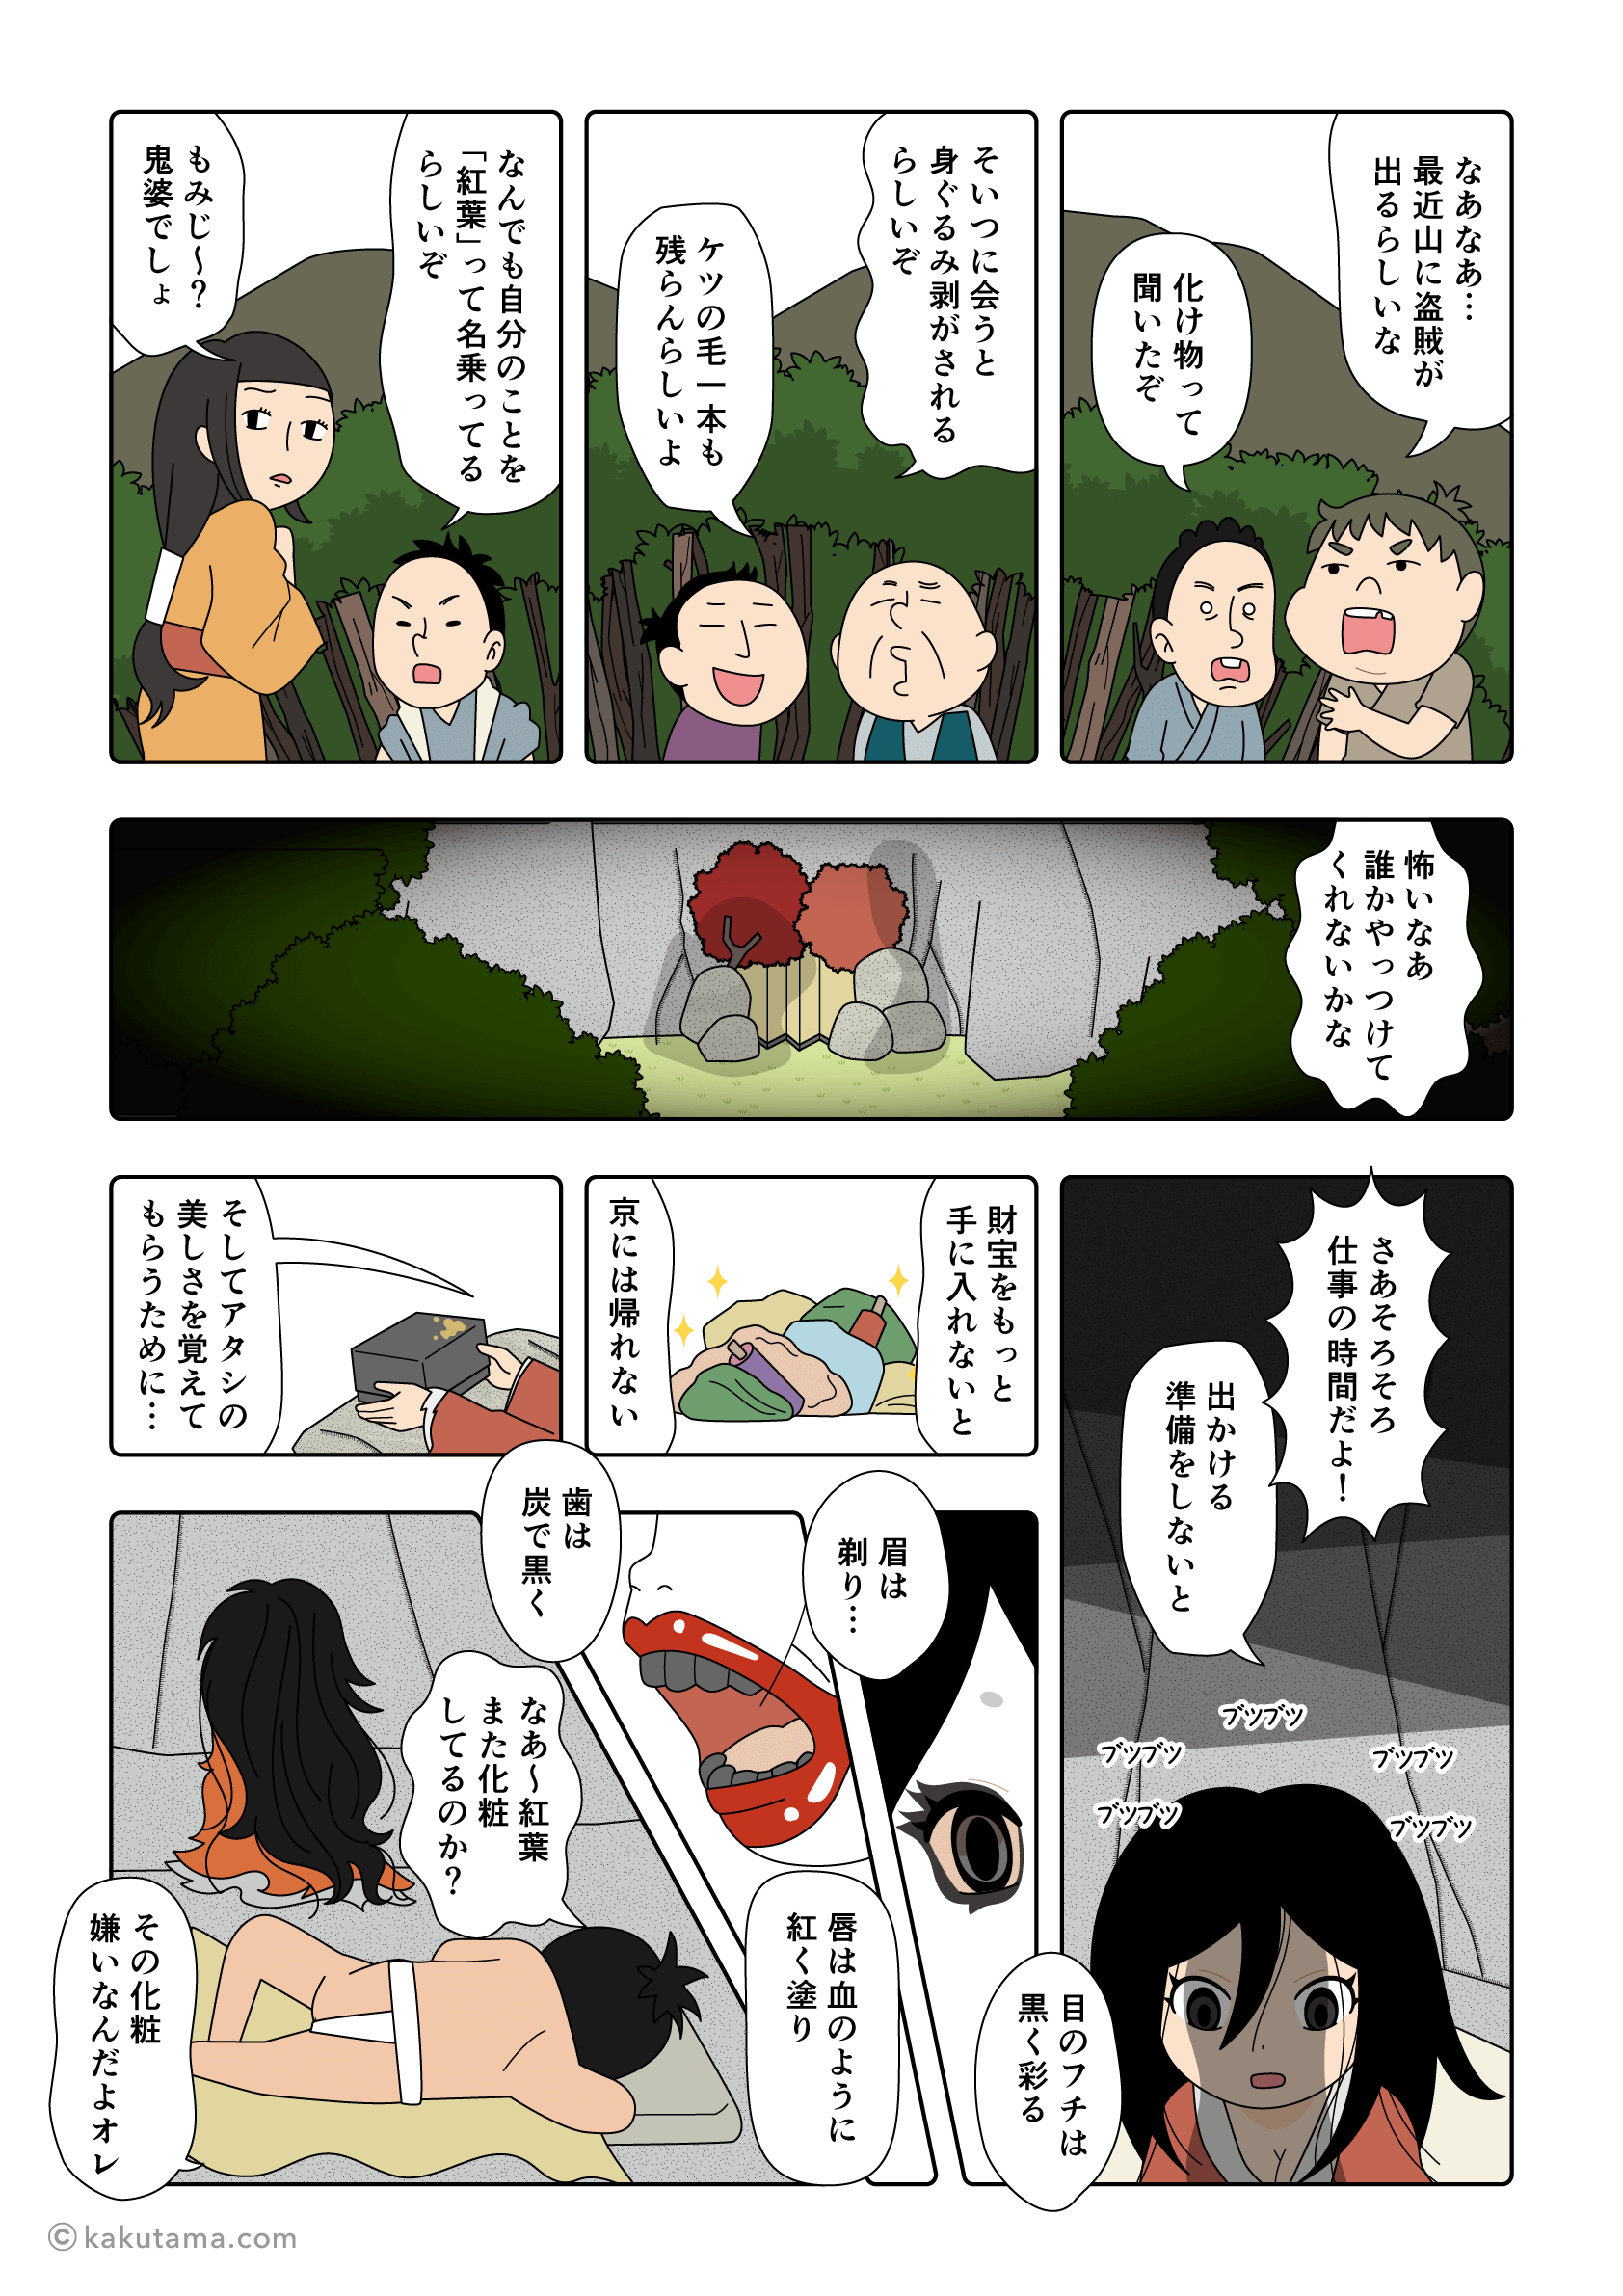 山の旅人を襲うようになった紅葉の漫画1